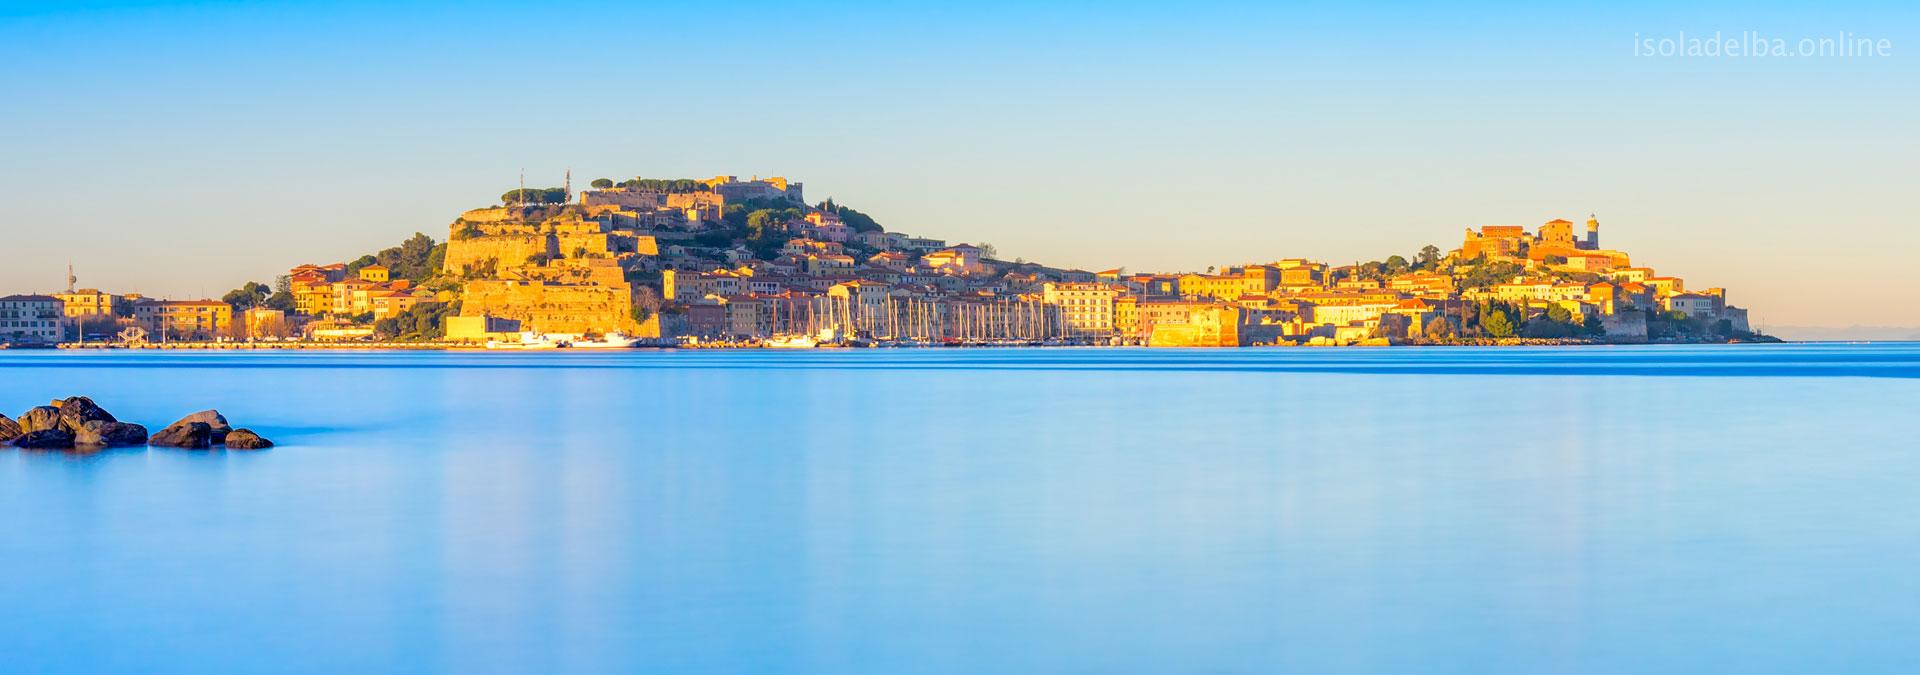 Isola d'Elba Sansone